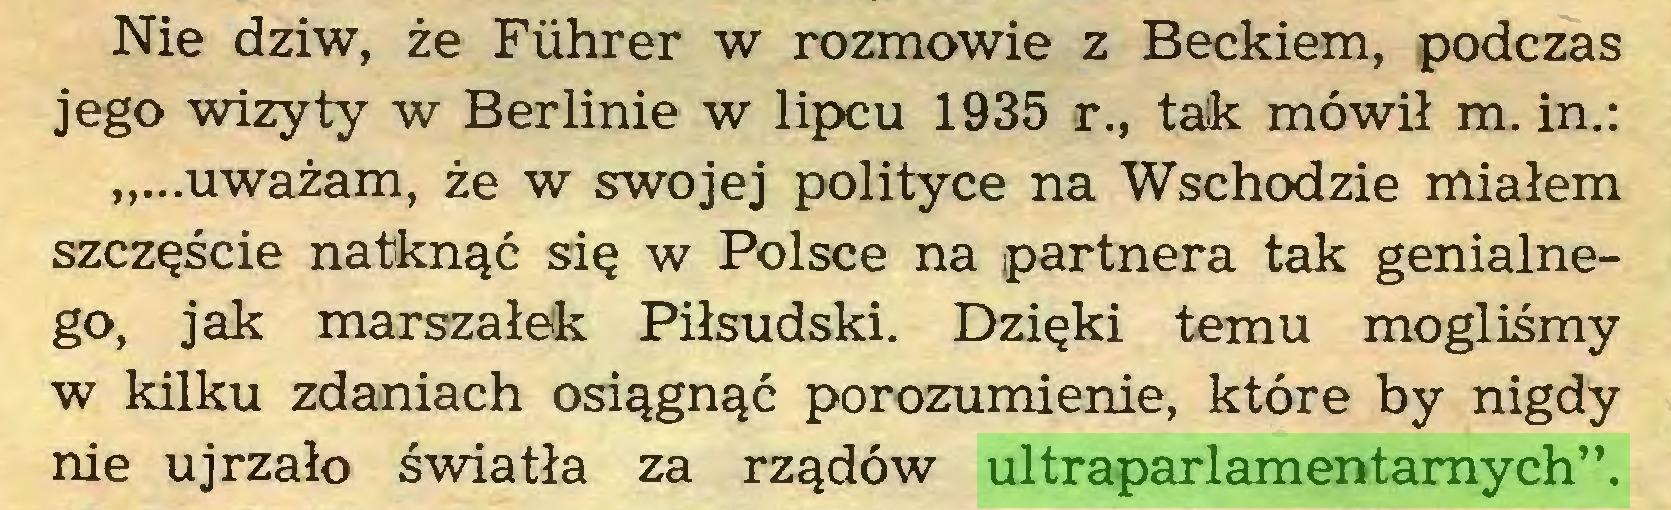 """(...) Nie dziw, że Fiihrer w rozmowie z Beckiem, podczas jego wizyty w Berlinie w lipcu 1935 r., tak mówił m. in.: """"...uważam, że w swojej polityce na Wschodzie miałem szczęście natknąć się w Polsce na partnera tak genialnego, jak marszałek Piłsudski. Dzięki temu mogliśmy w kilku zdaniach osiągnąć porozumienie, które by nigdy nie ujrzało światła za rządów ultraparlamentarnych""""..."""